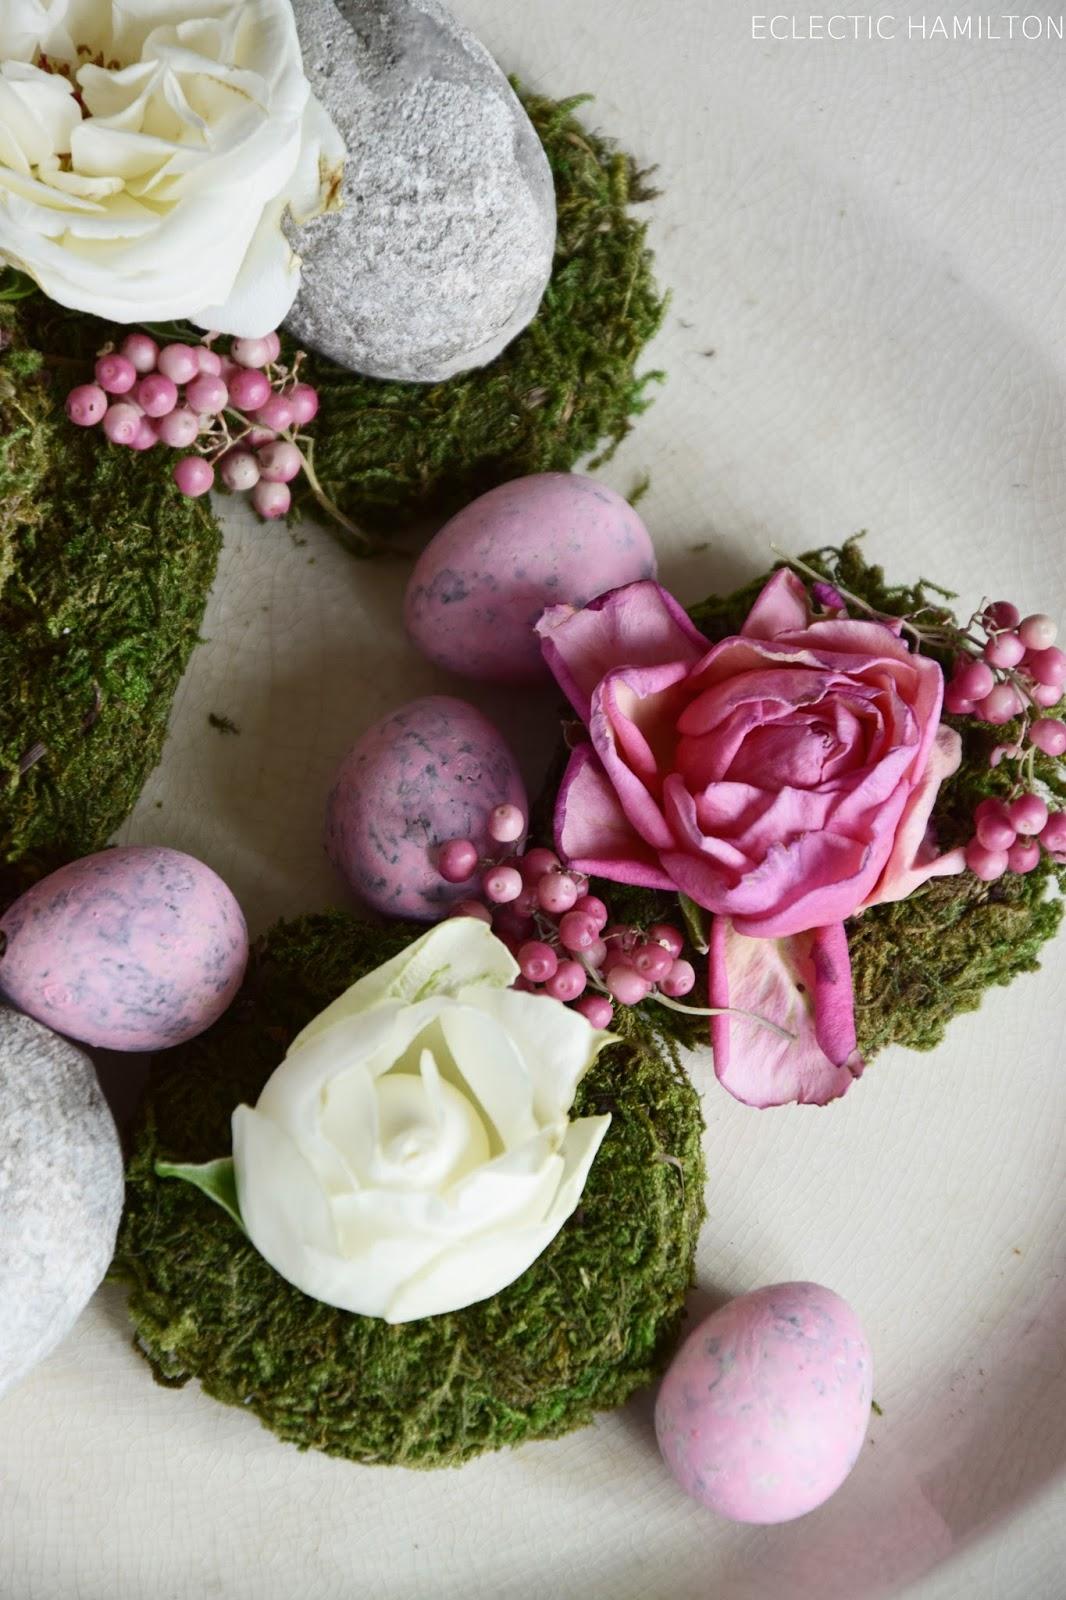 Deko mit verwelkten Rosenblüten | ECLECTIC HAMILTON